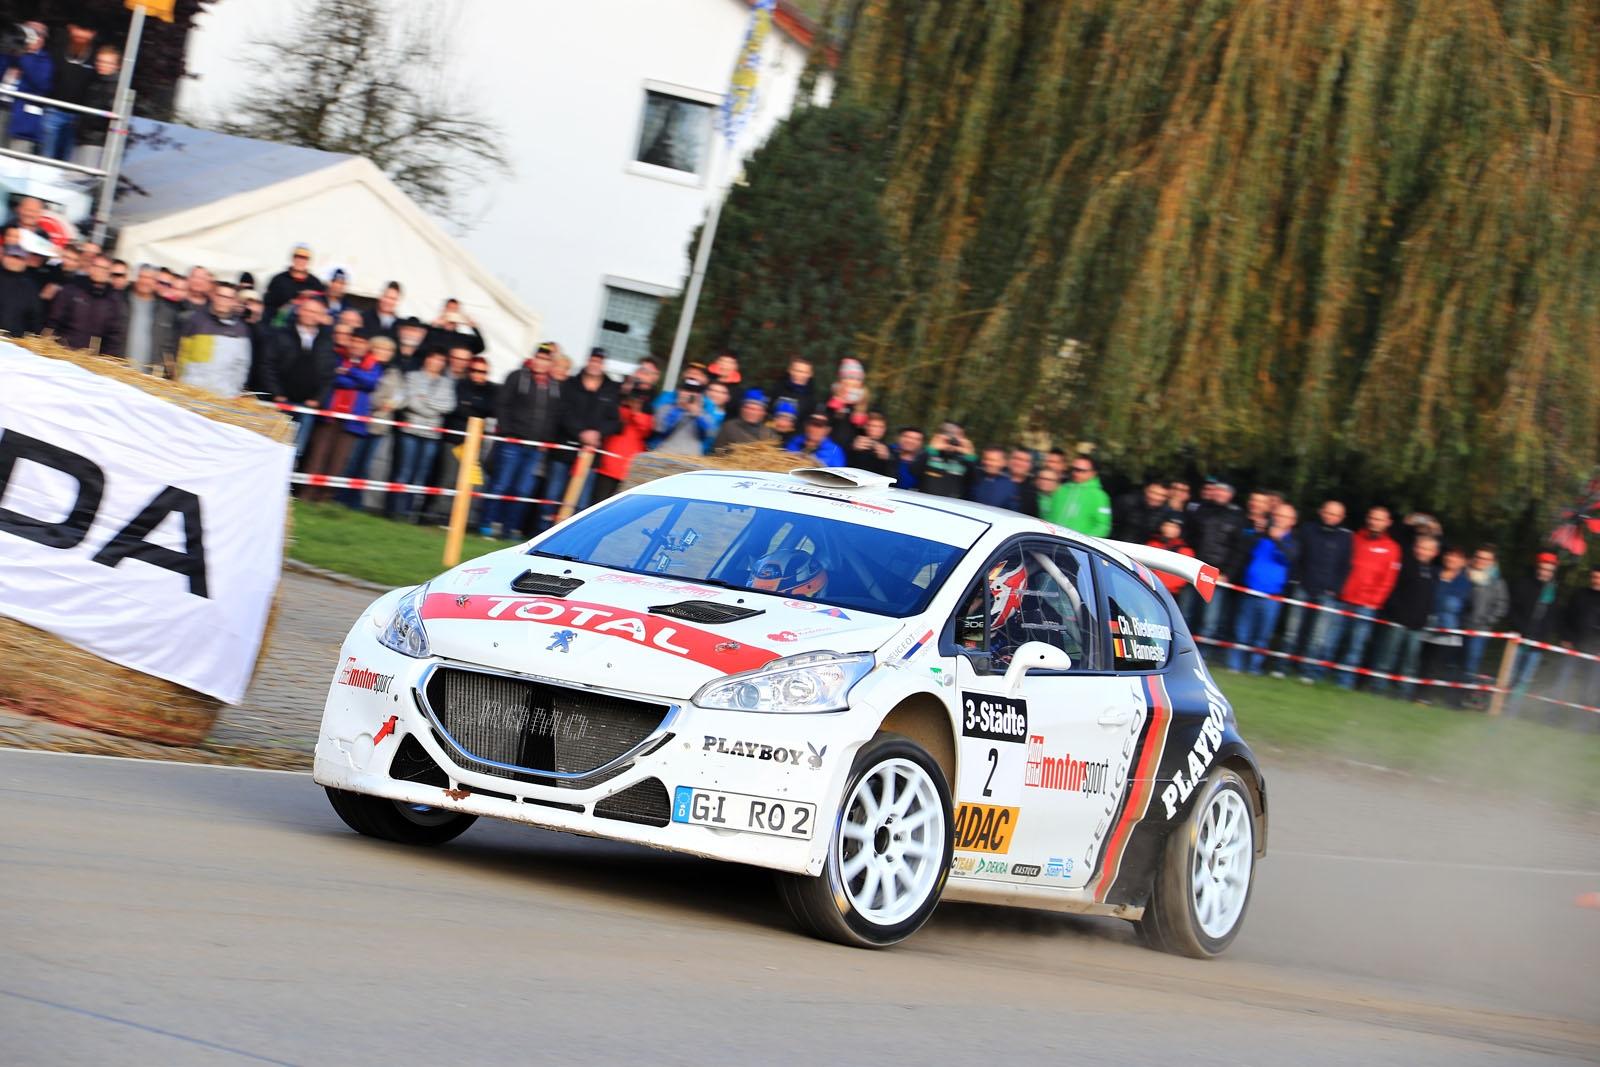 16-10-3_Staedte_Rallye-Agenturen-07